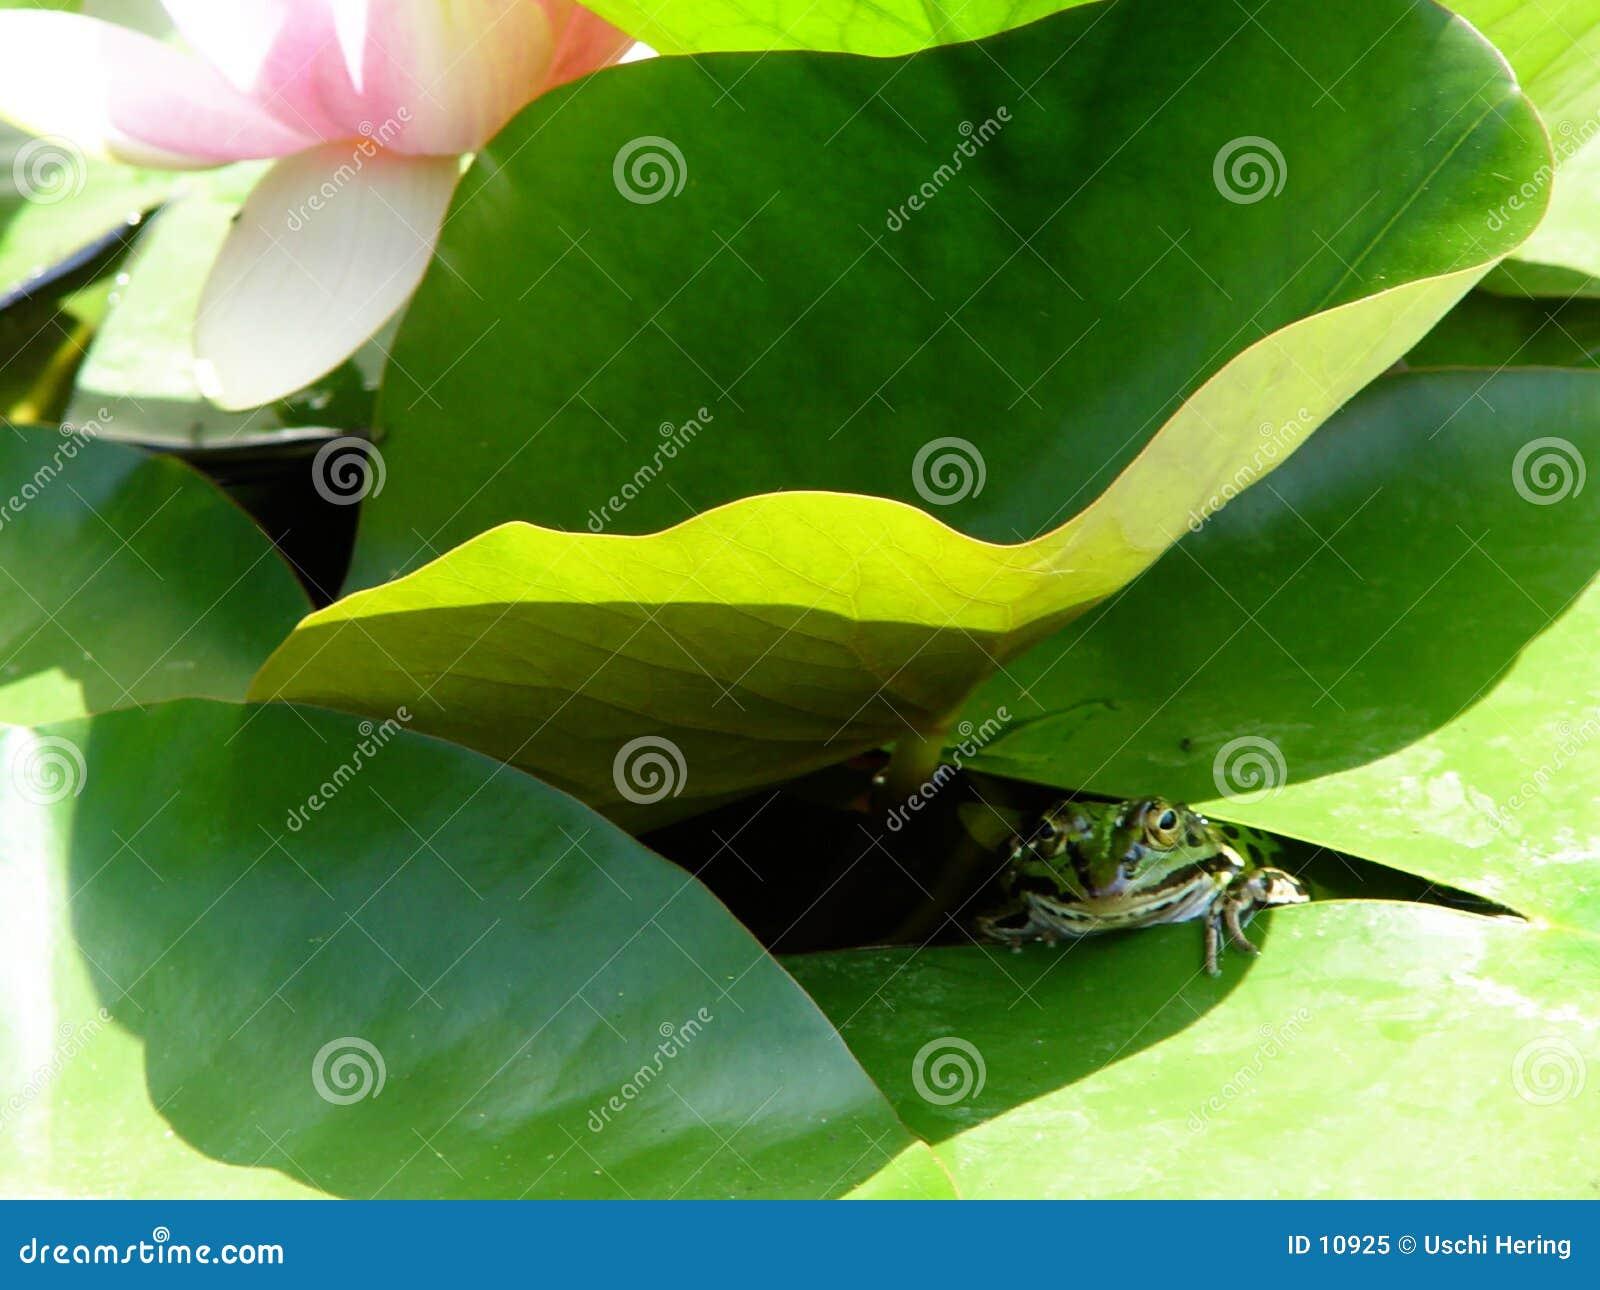 蛙下睡莲叶